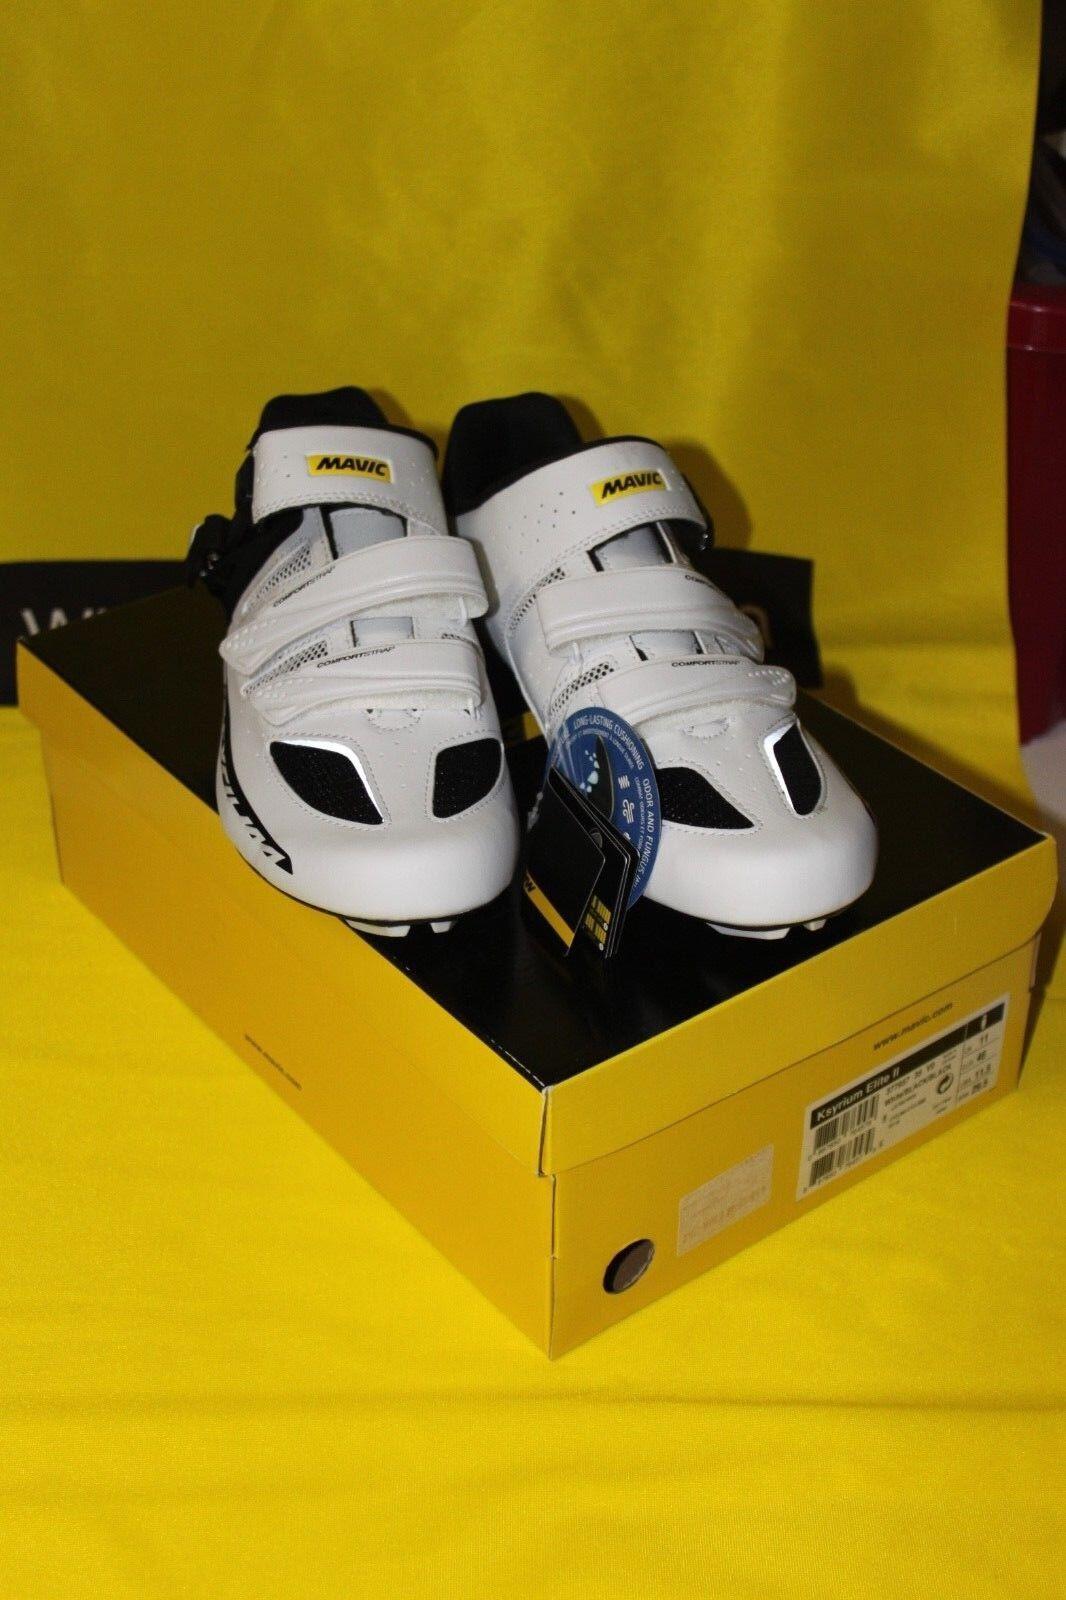 MAVIC Rennradschuhe Ksyrium Elite II schwarz, weiß, weiß, weiß, Größe UK 7, EUR 40 2 3 4d365c